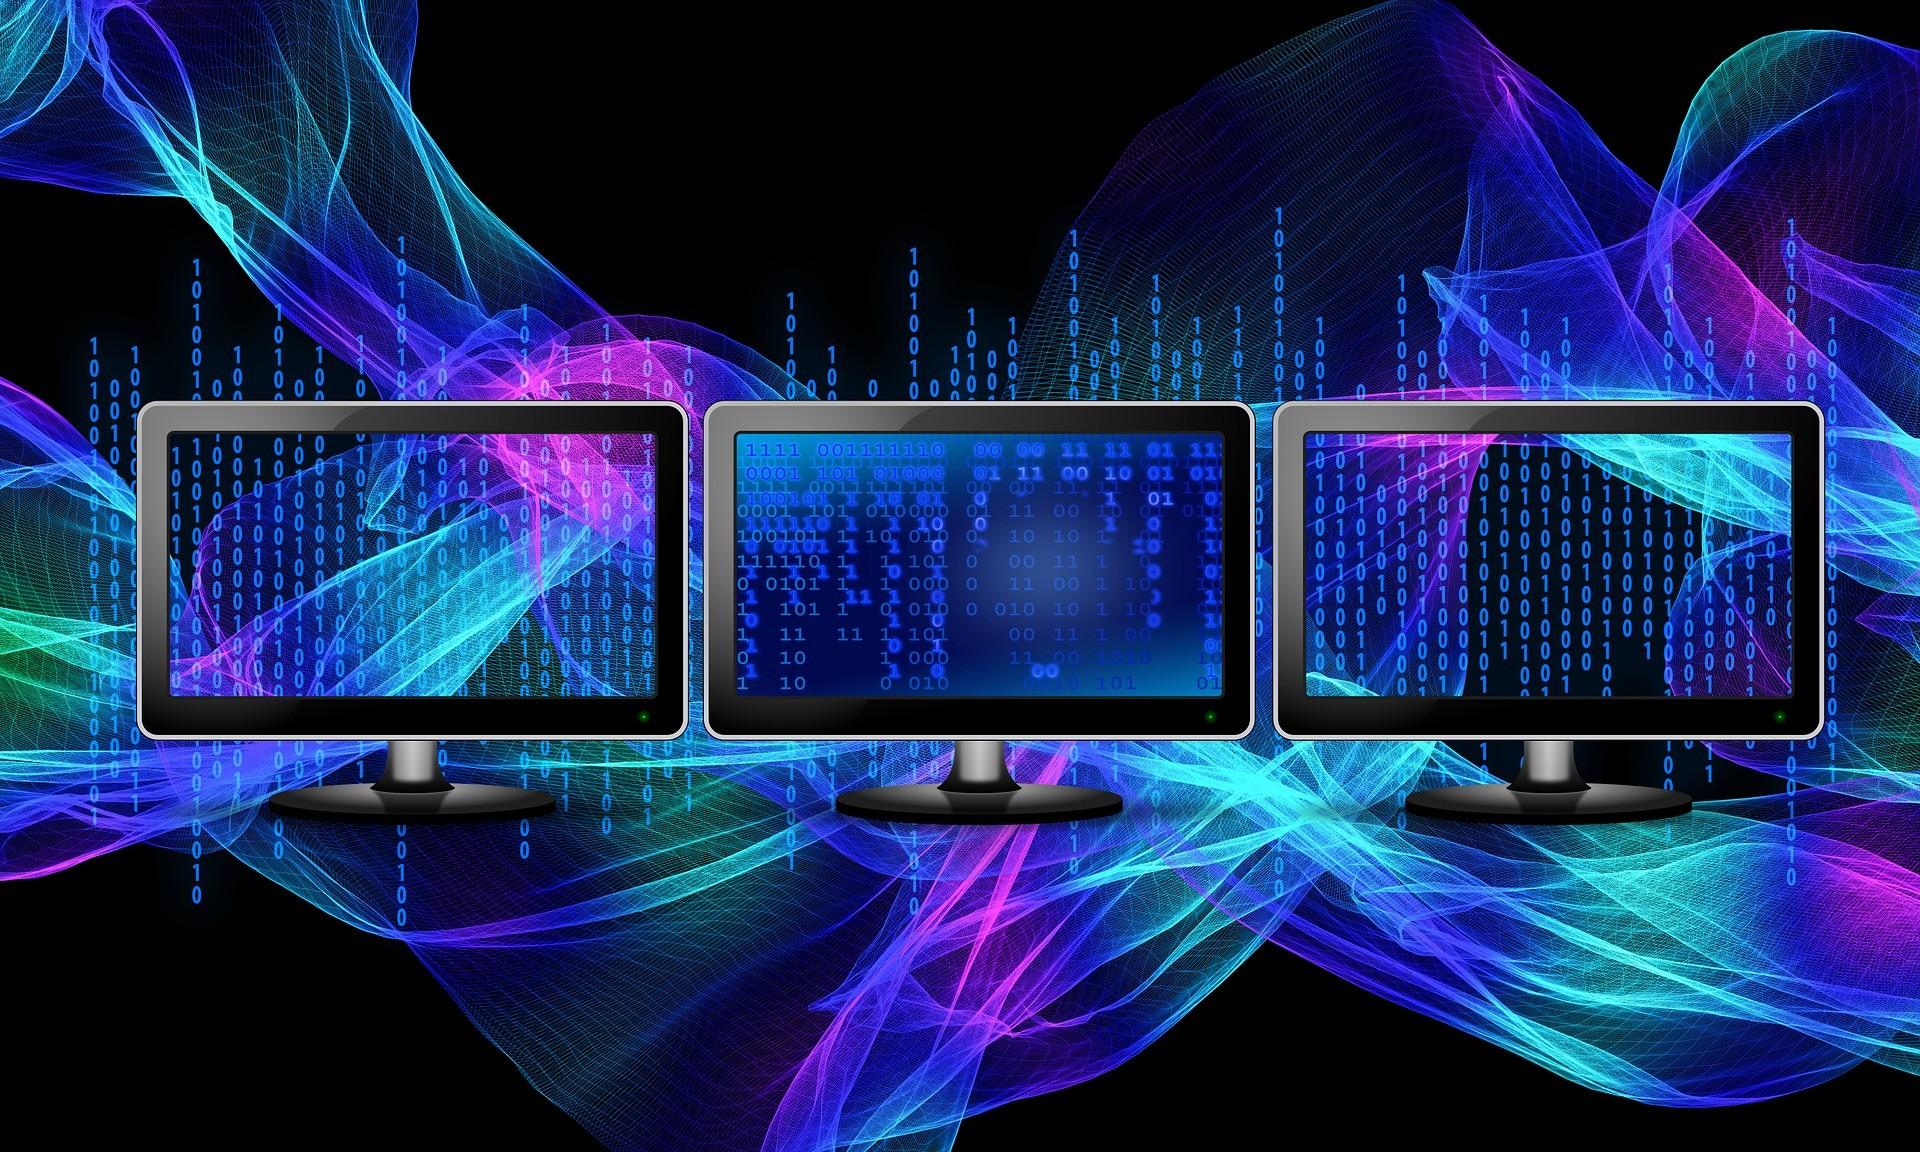 Besplatne radionice za buduće programere/programerke i mogućnost zaposlenja